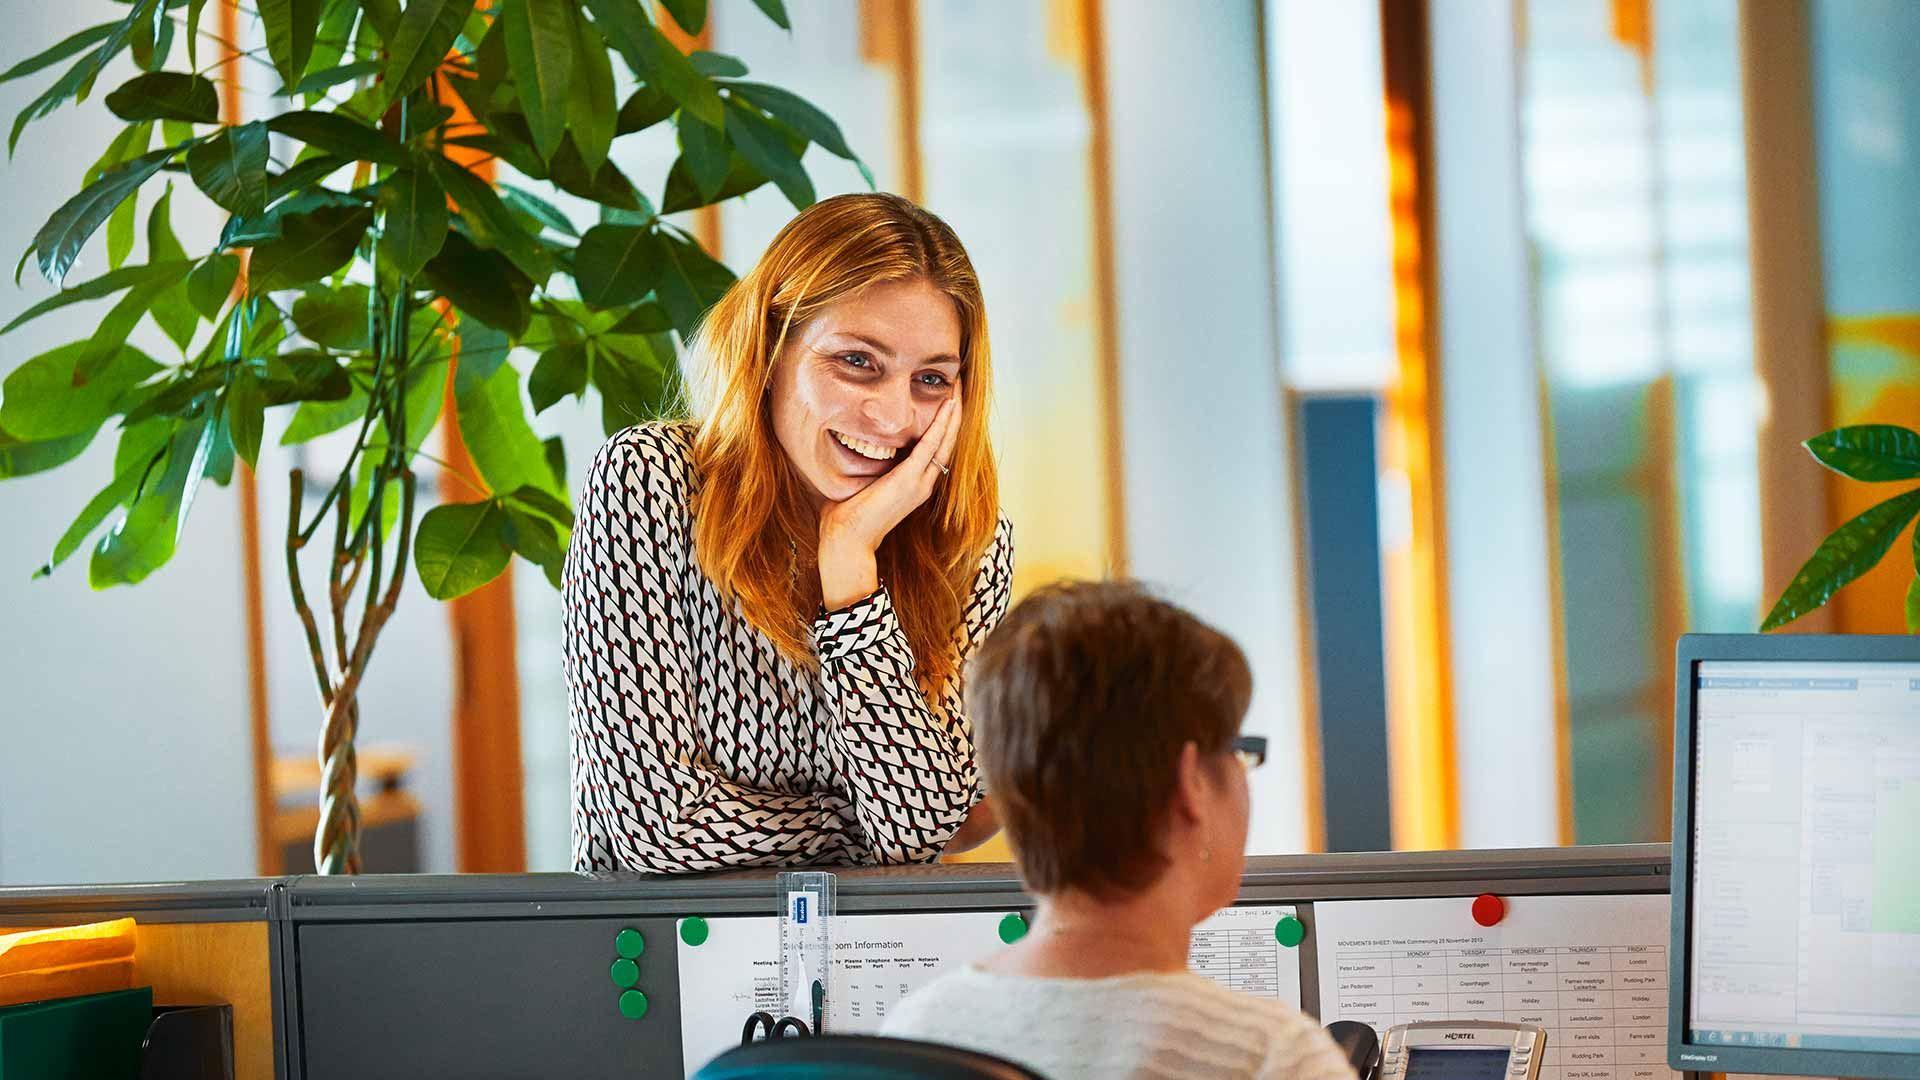 Vacature business controller bij Arla Foods in Nijkerk